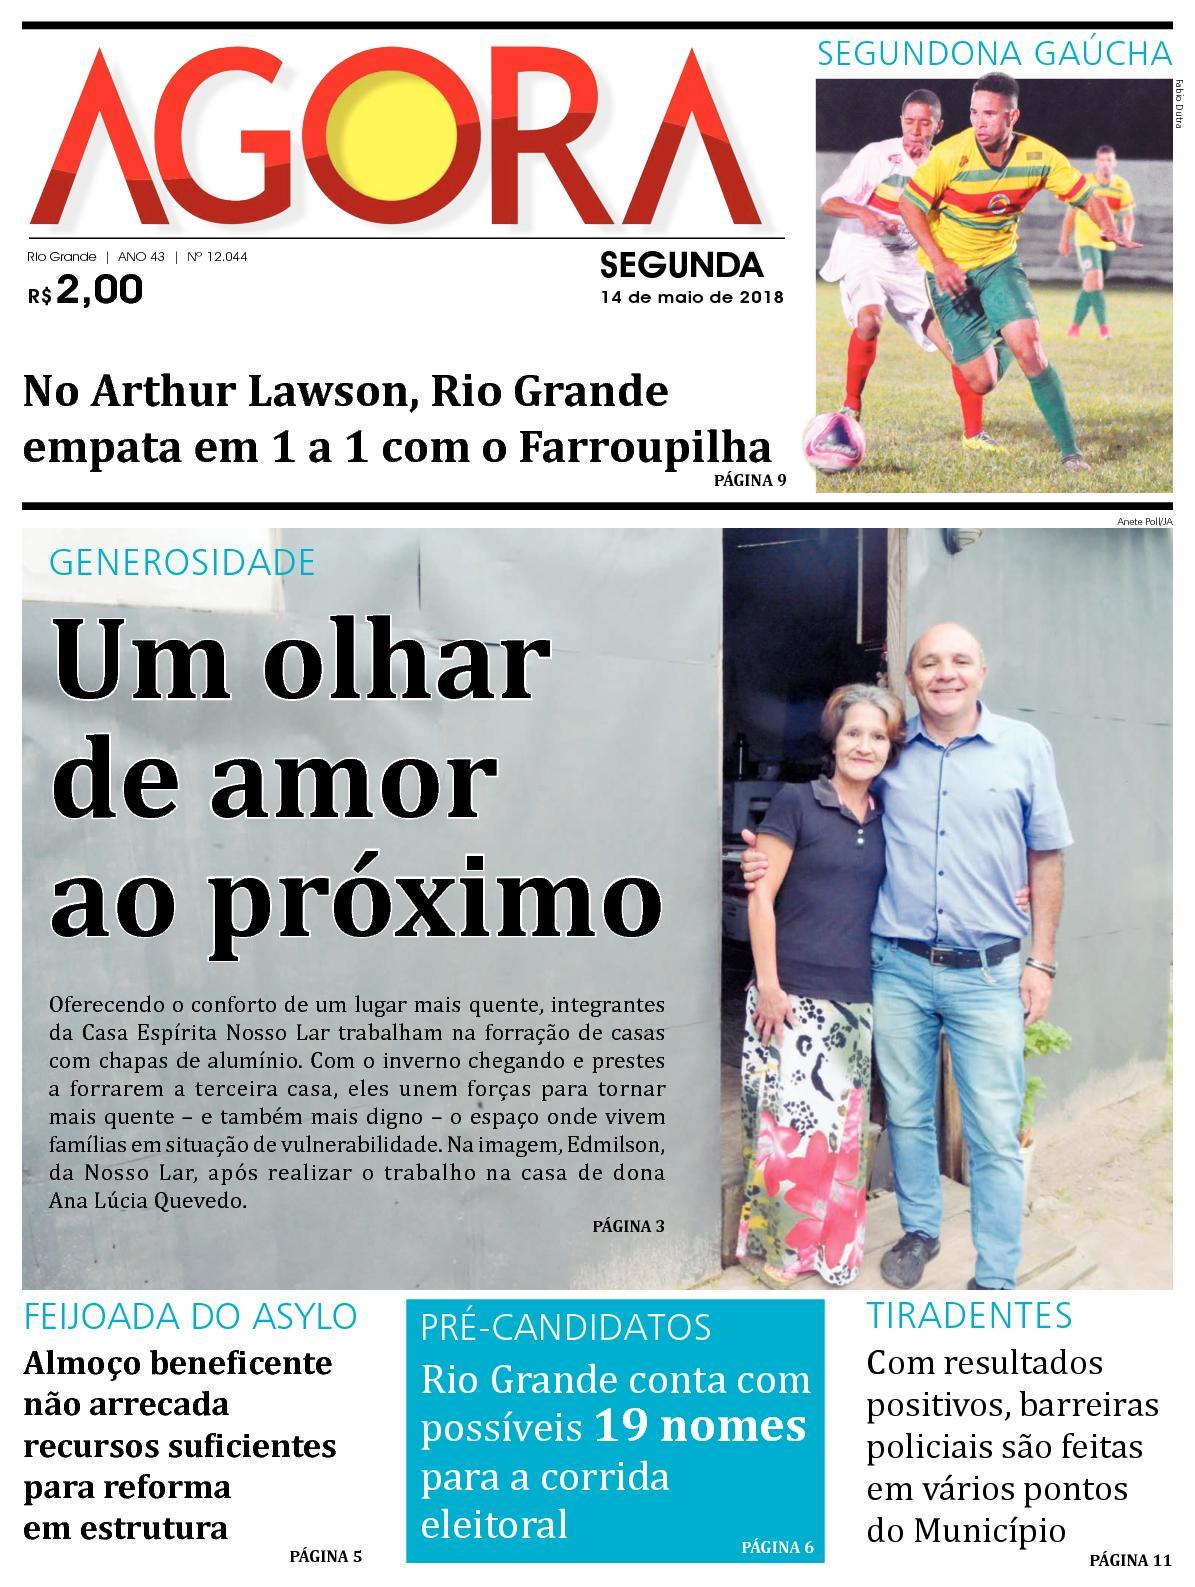 fce146c4423 Calaméo - Jornal Agora - Edição 12044 - 14 de Maio de 2018